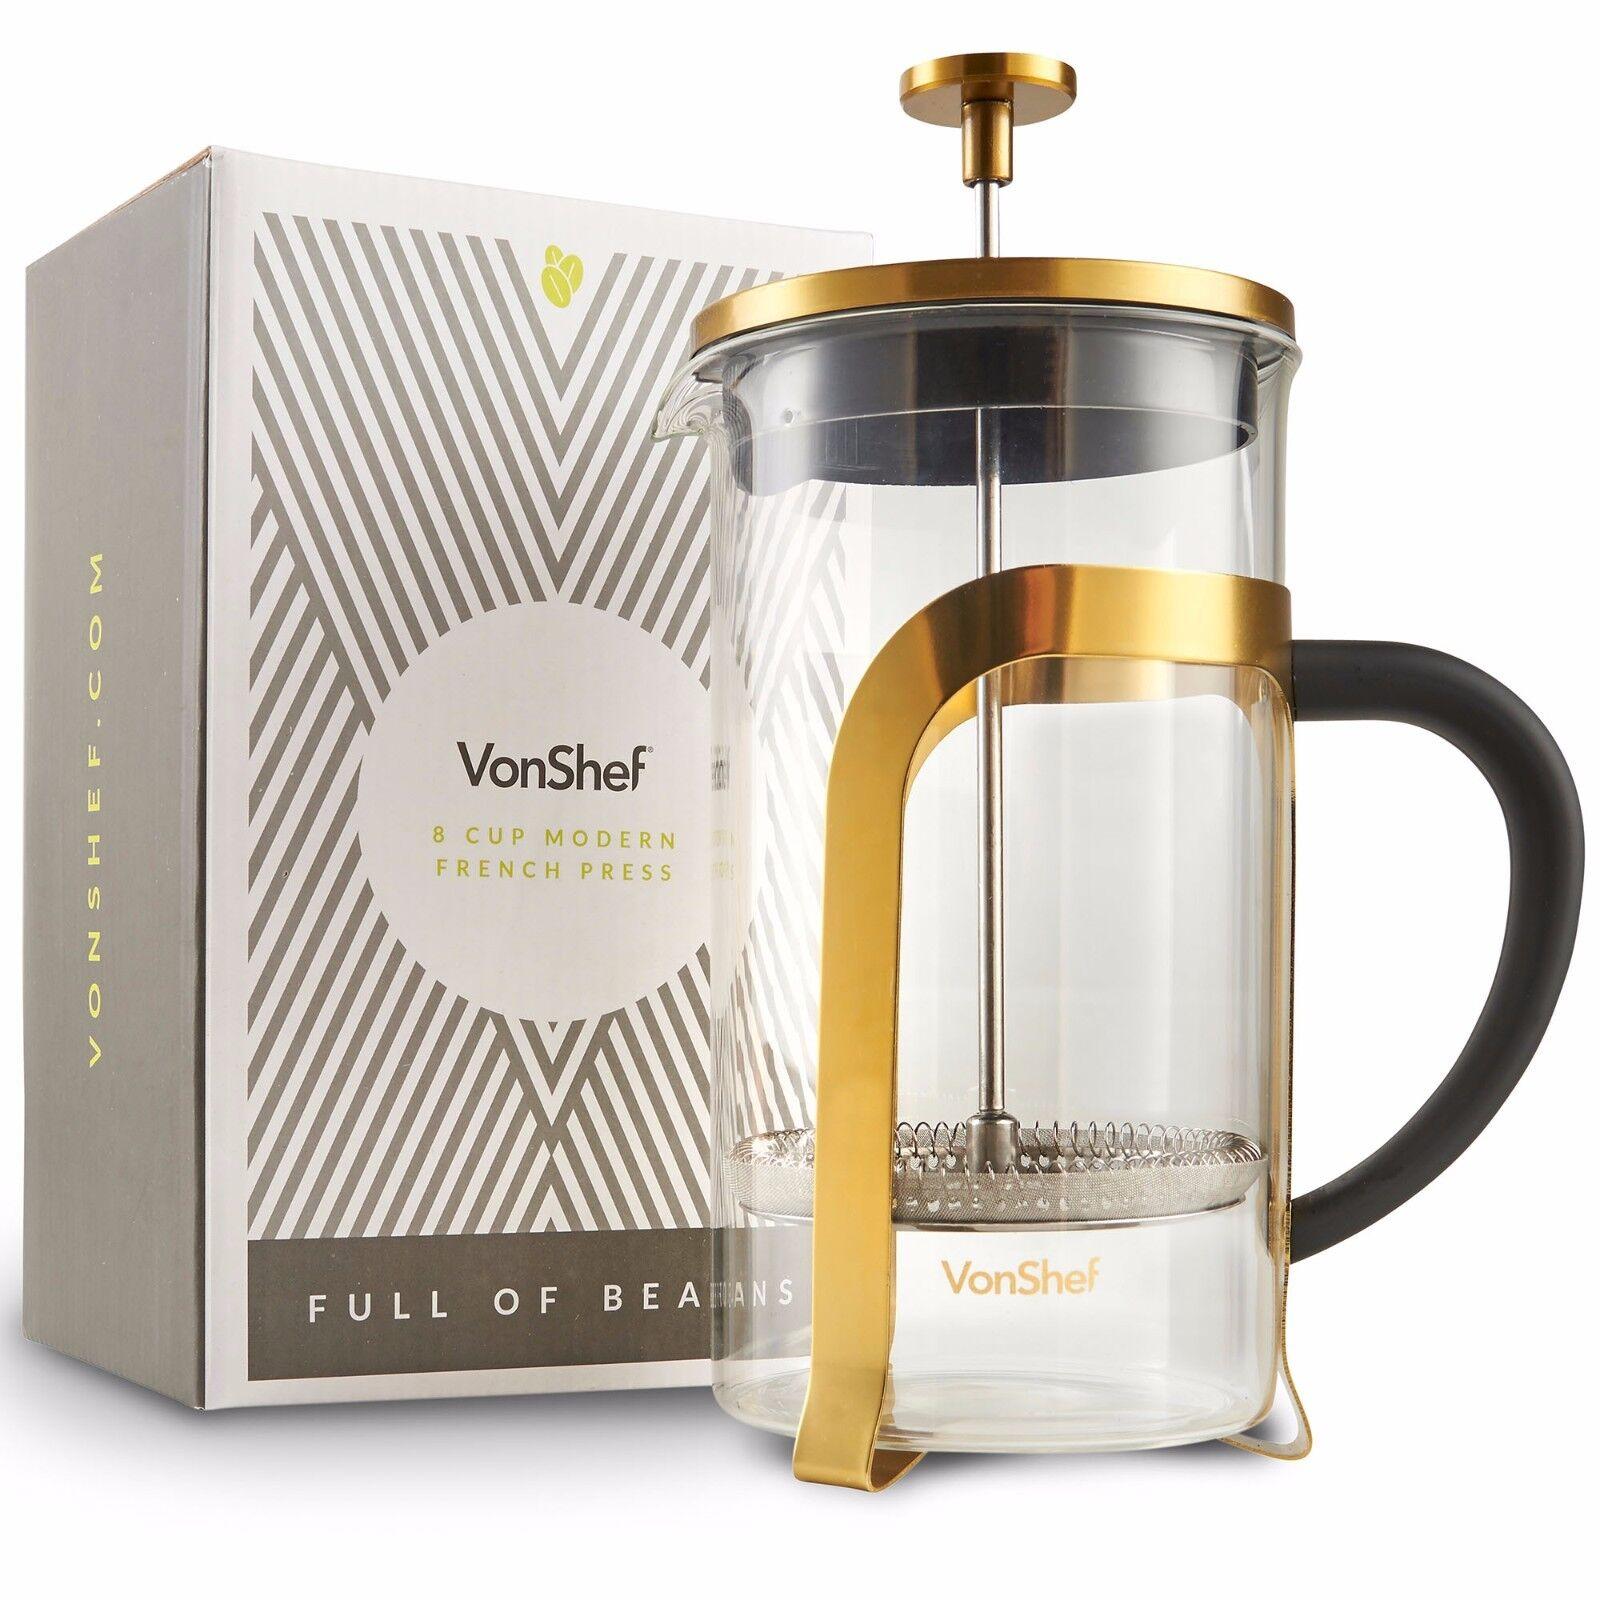 VonShef 1 Liter Heat-resistant French Press Cafetiere Coffee